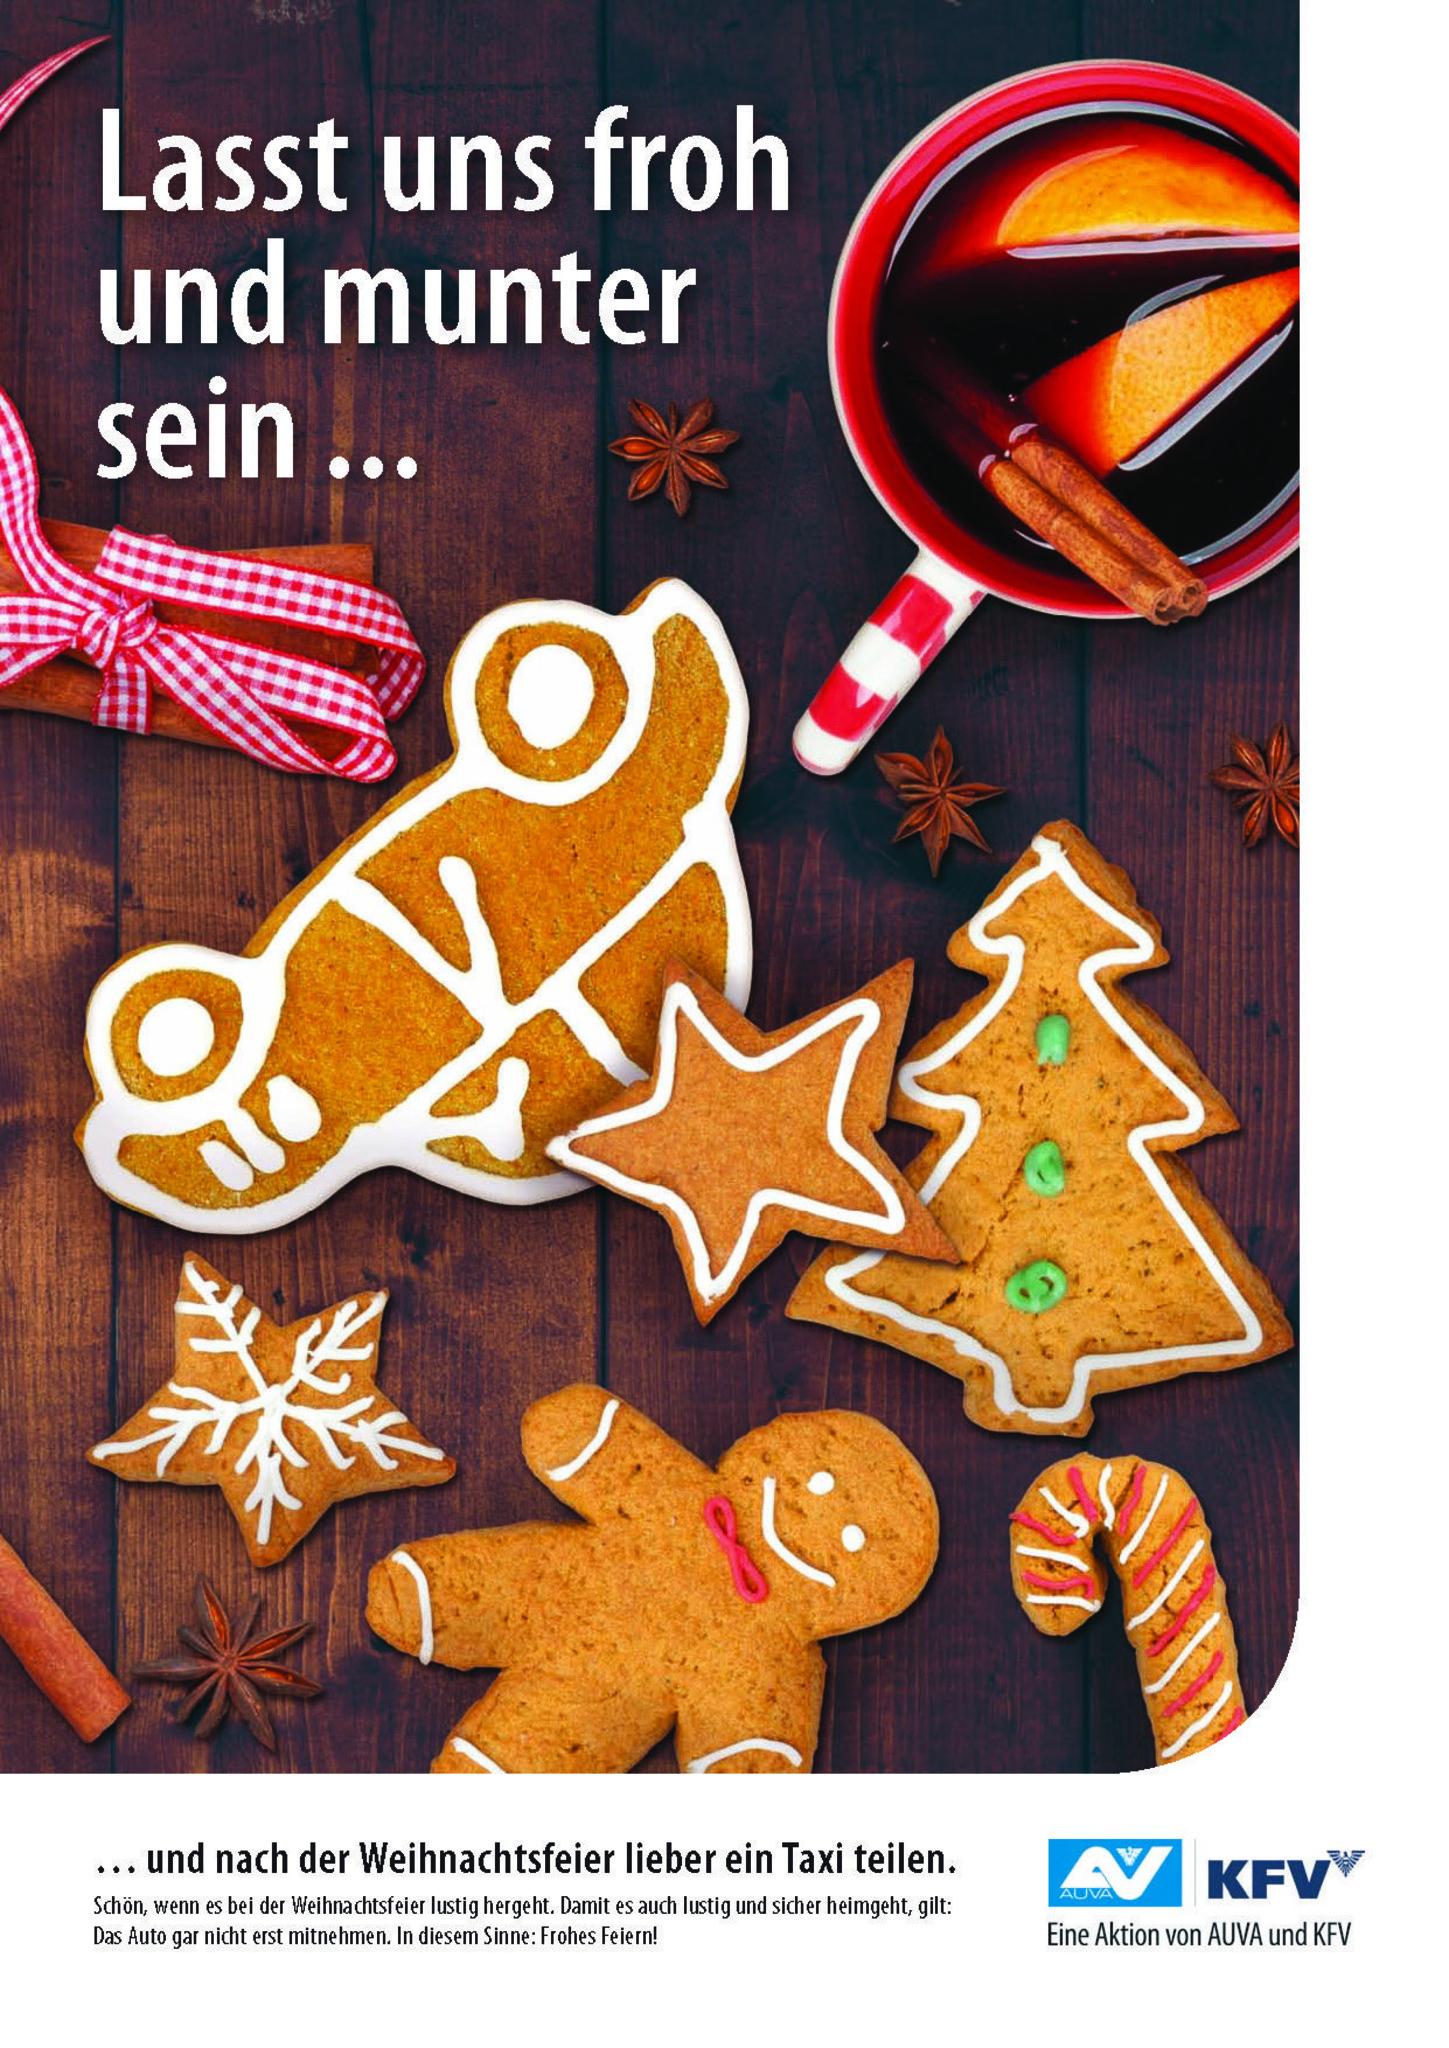 Weihnachtsfeier Lustig.Sicher Nach Hause Von Der Weihnachtsfeier Innsbruck